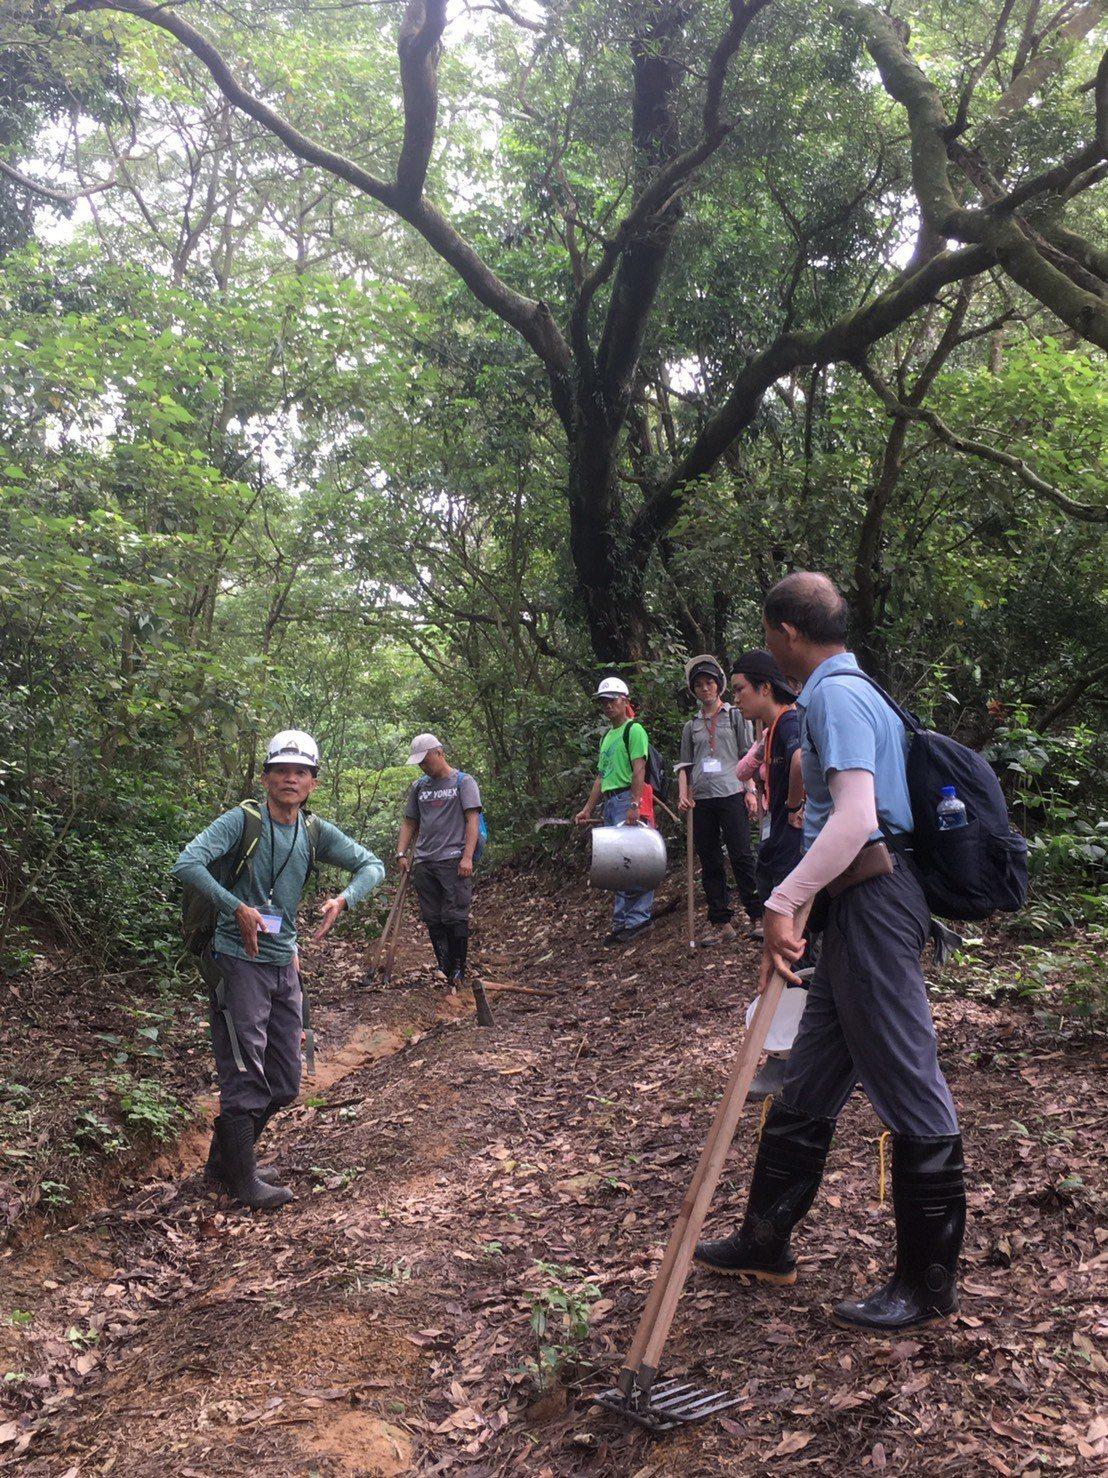 手作步道師現場指導學員如何判斷水流方向與處理方式。圖/嘉義林管處提供